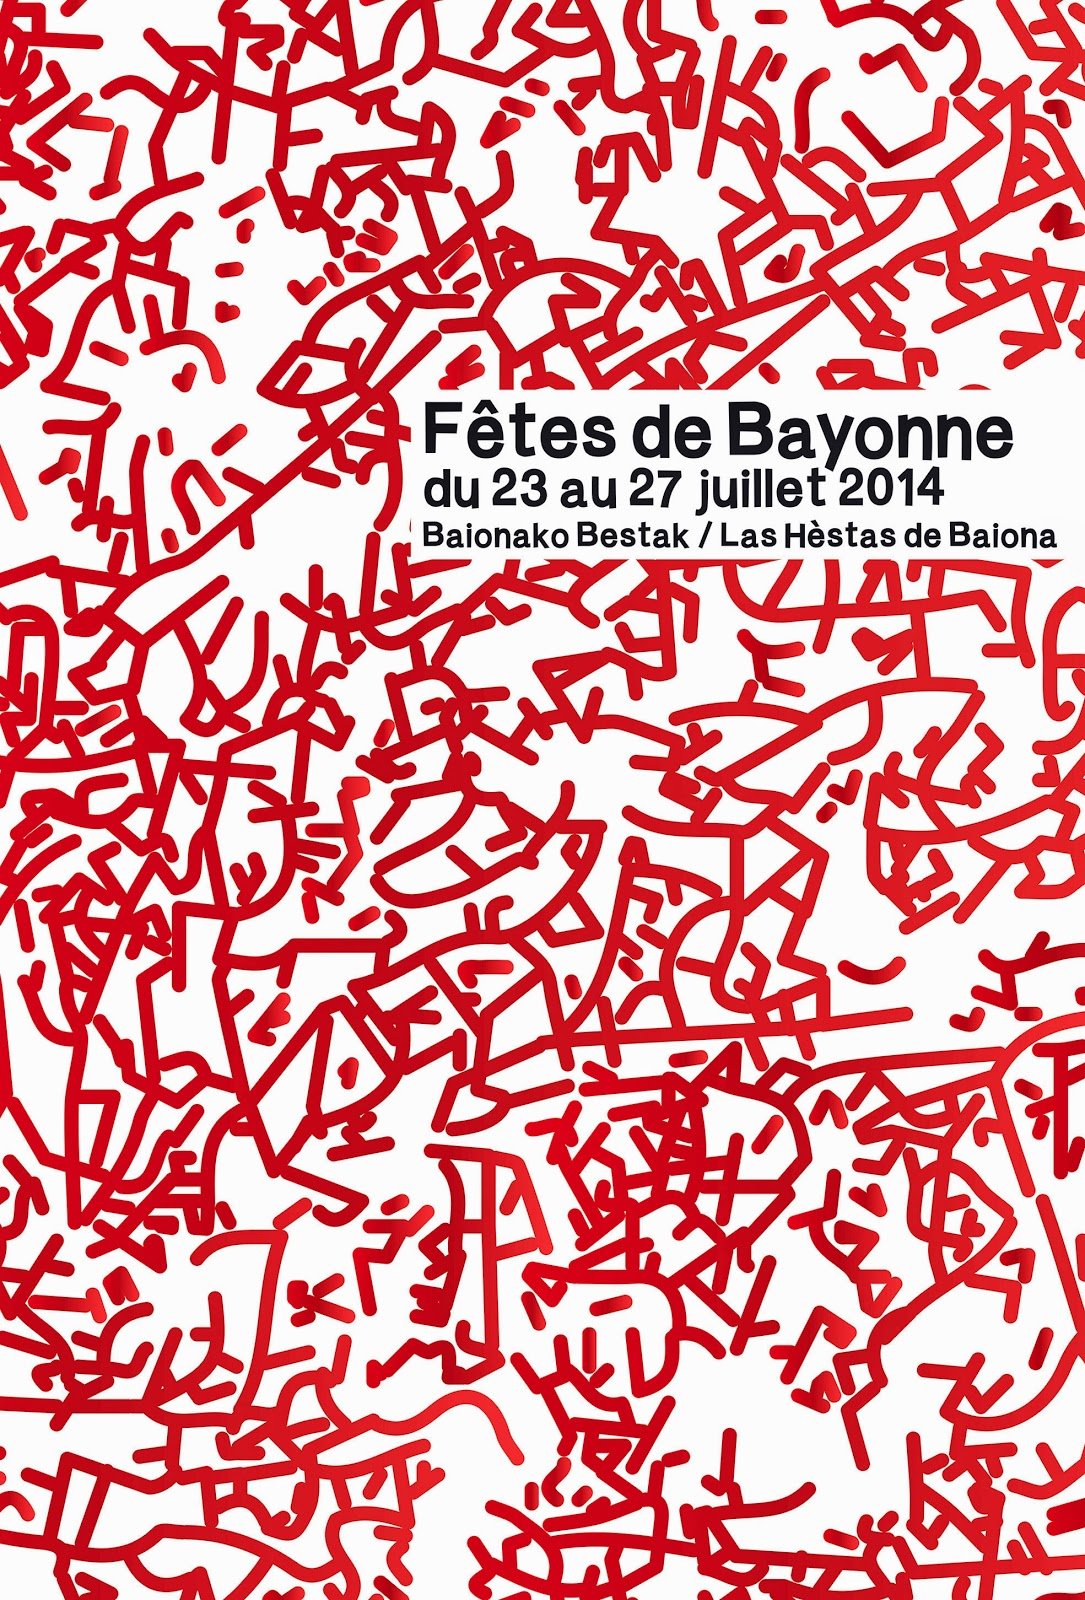 Les incontournables des Fêtes de Bayonne 2014